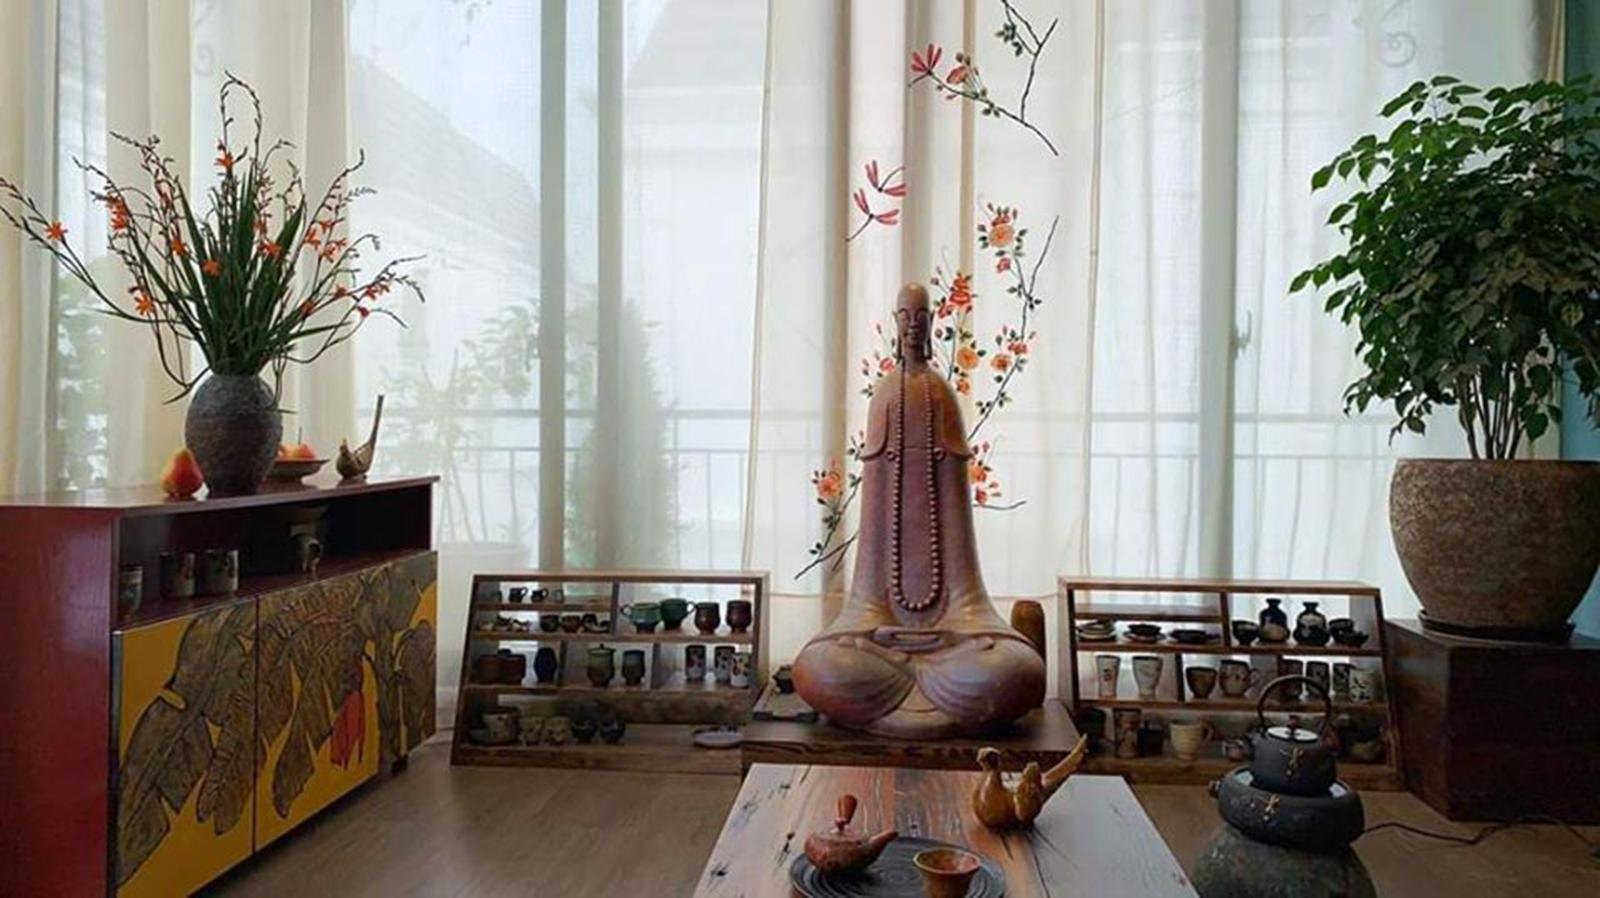 thiết kế không gian phòng thiền đơn giản đẹp mắt